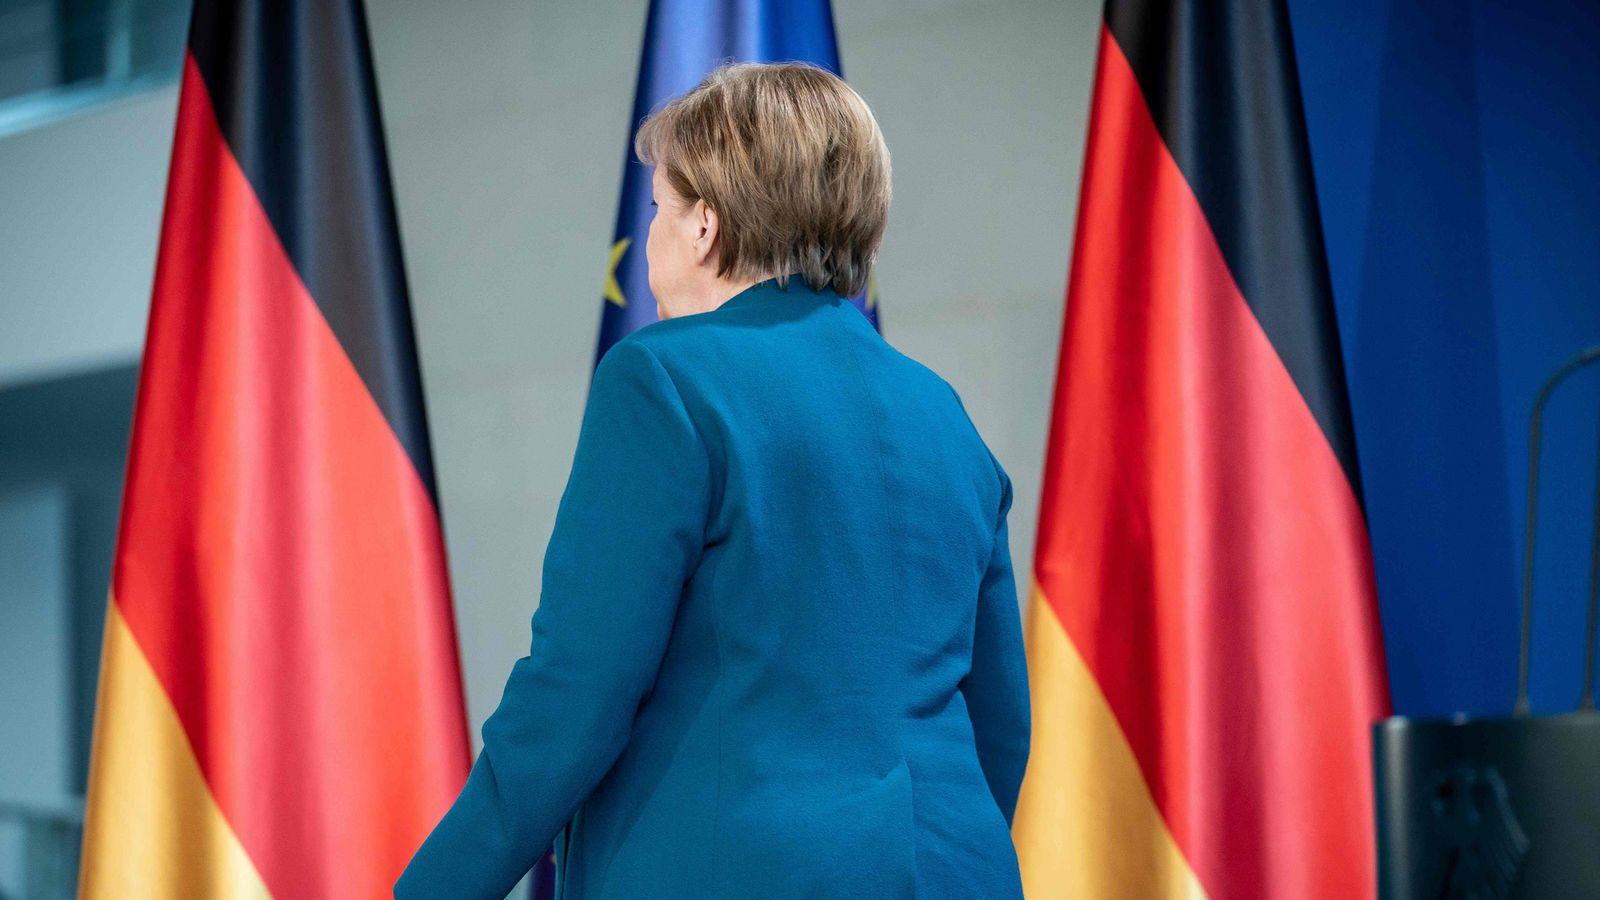 「申請2日後に60万円」だけじゃないドイツのすごい雇用対策 なぜ日本の補償は見劣りするのか